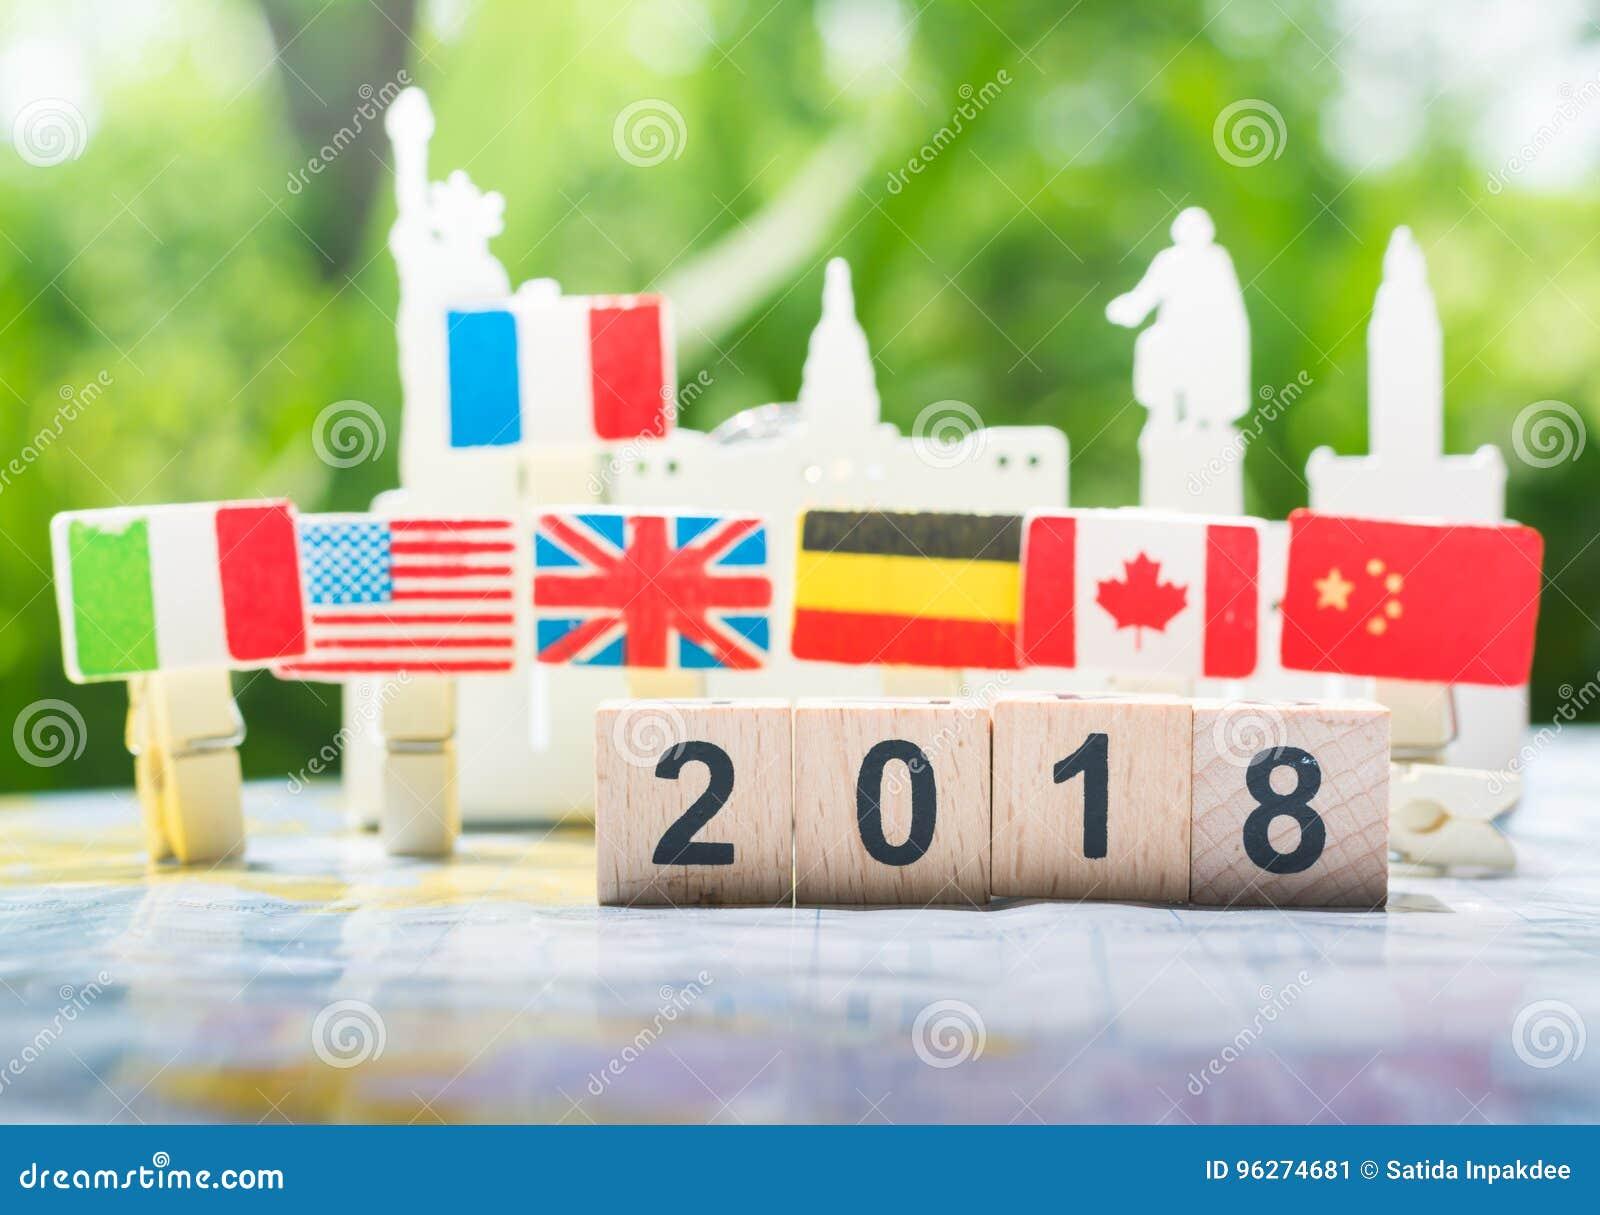 Gelukkig nieuw jaar 2018 concept, internationale samenwerking, groepswerk